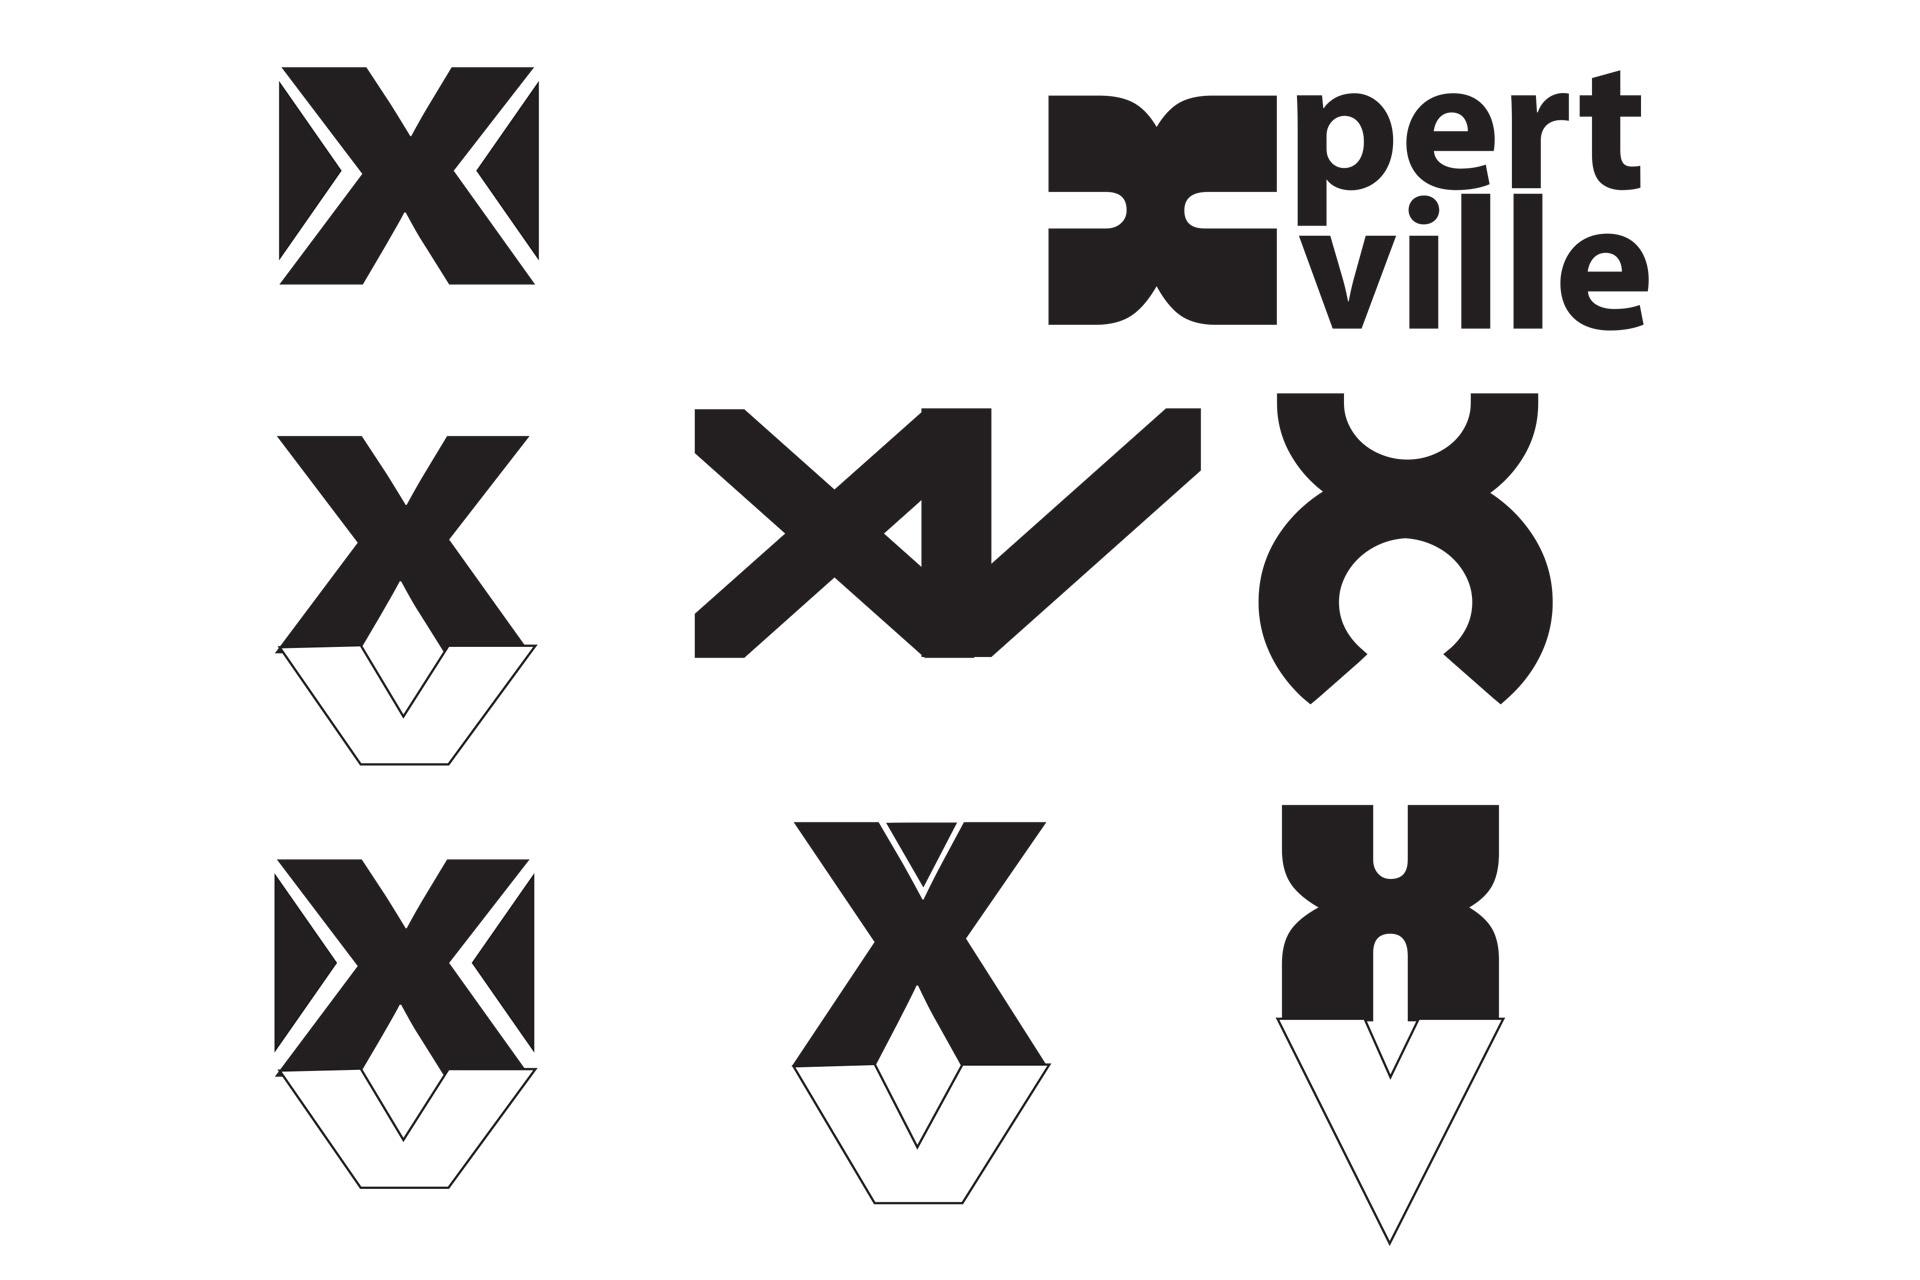 xpertville2